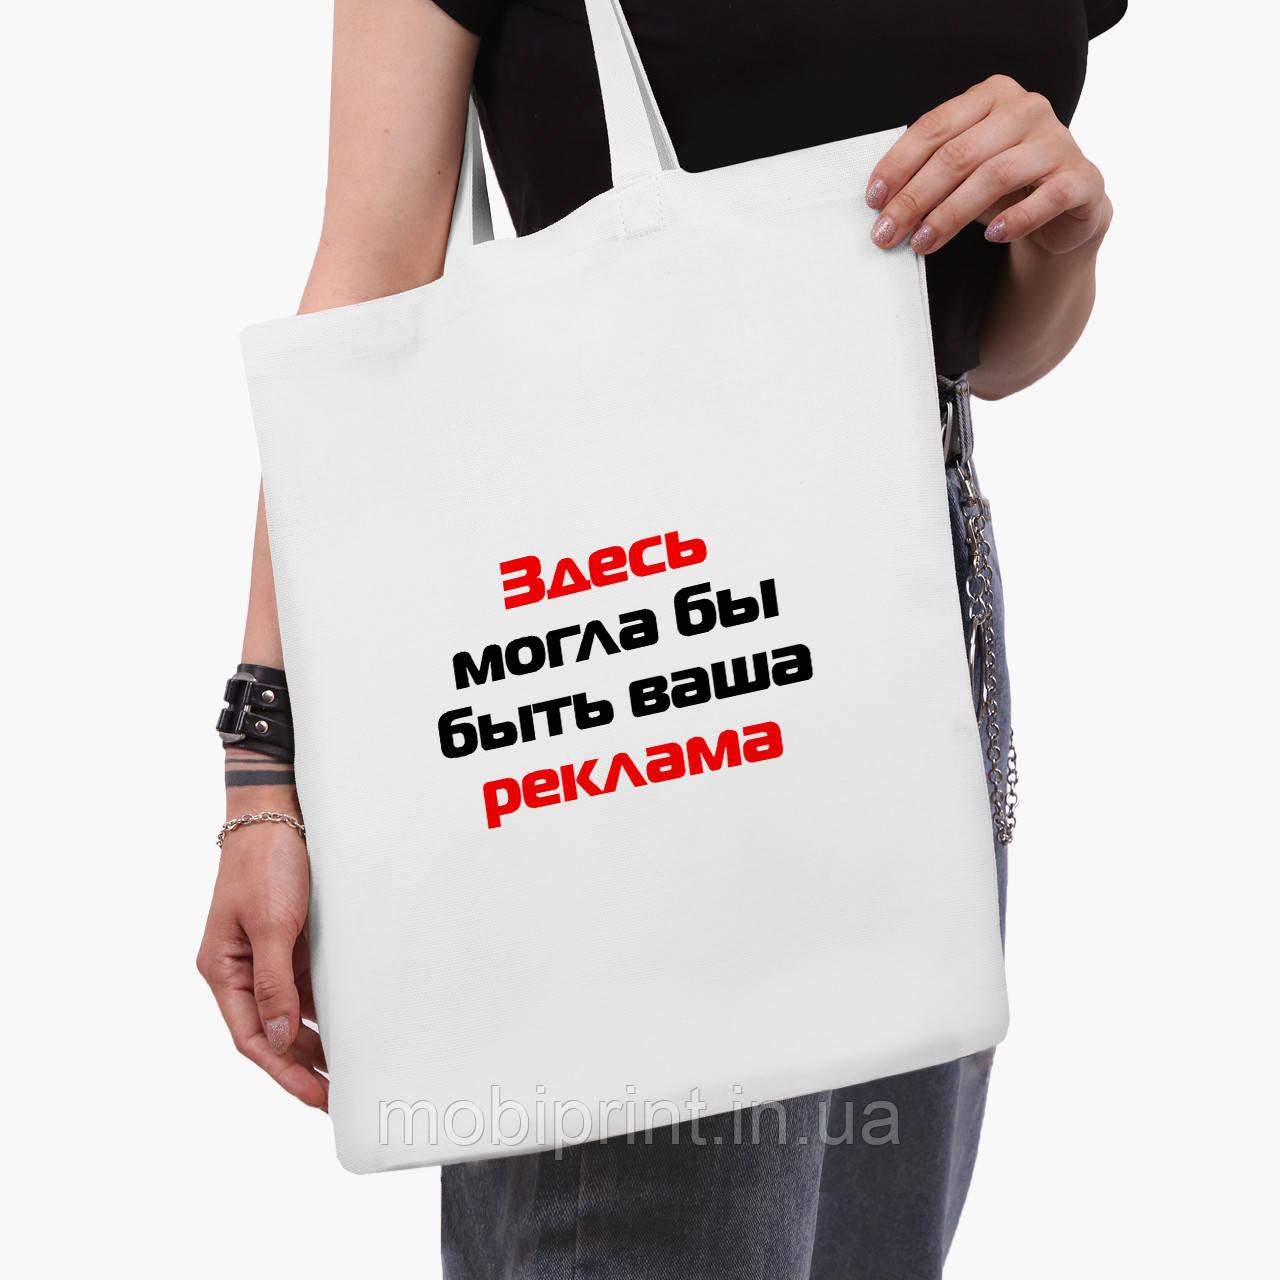 Еко сумка шоппер біла Тут могла б бути Ваша реклама (Your ad could be here) (9227-1290-3) 41*35 см